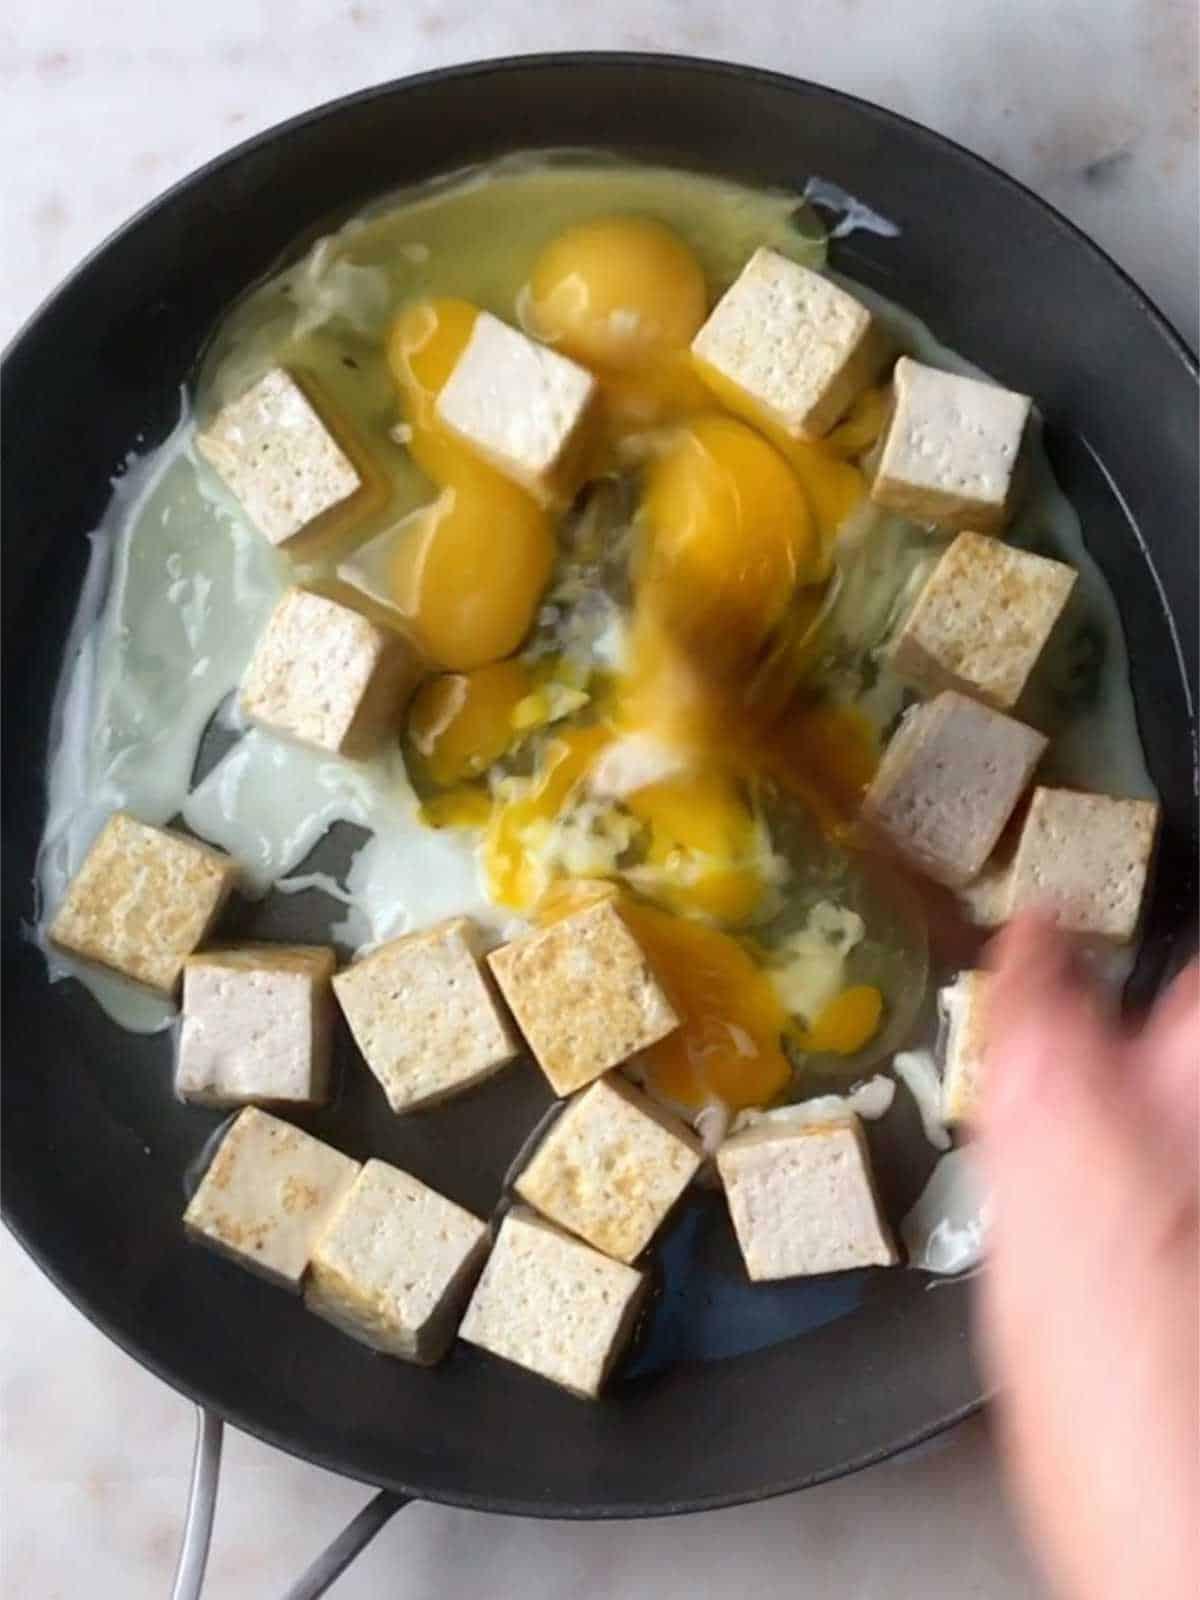 Scrambling eggs and tofu in a pan.